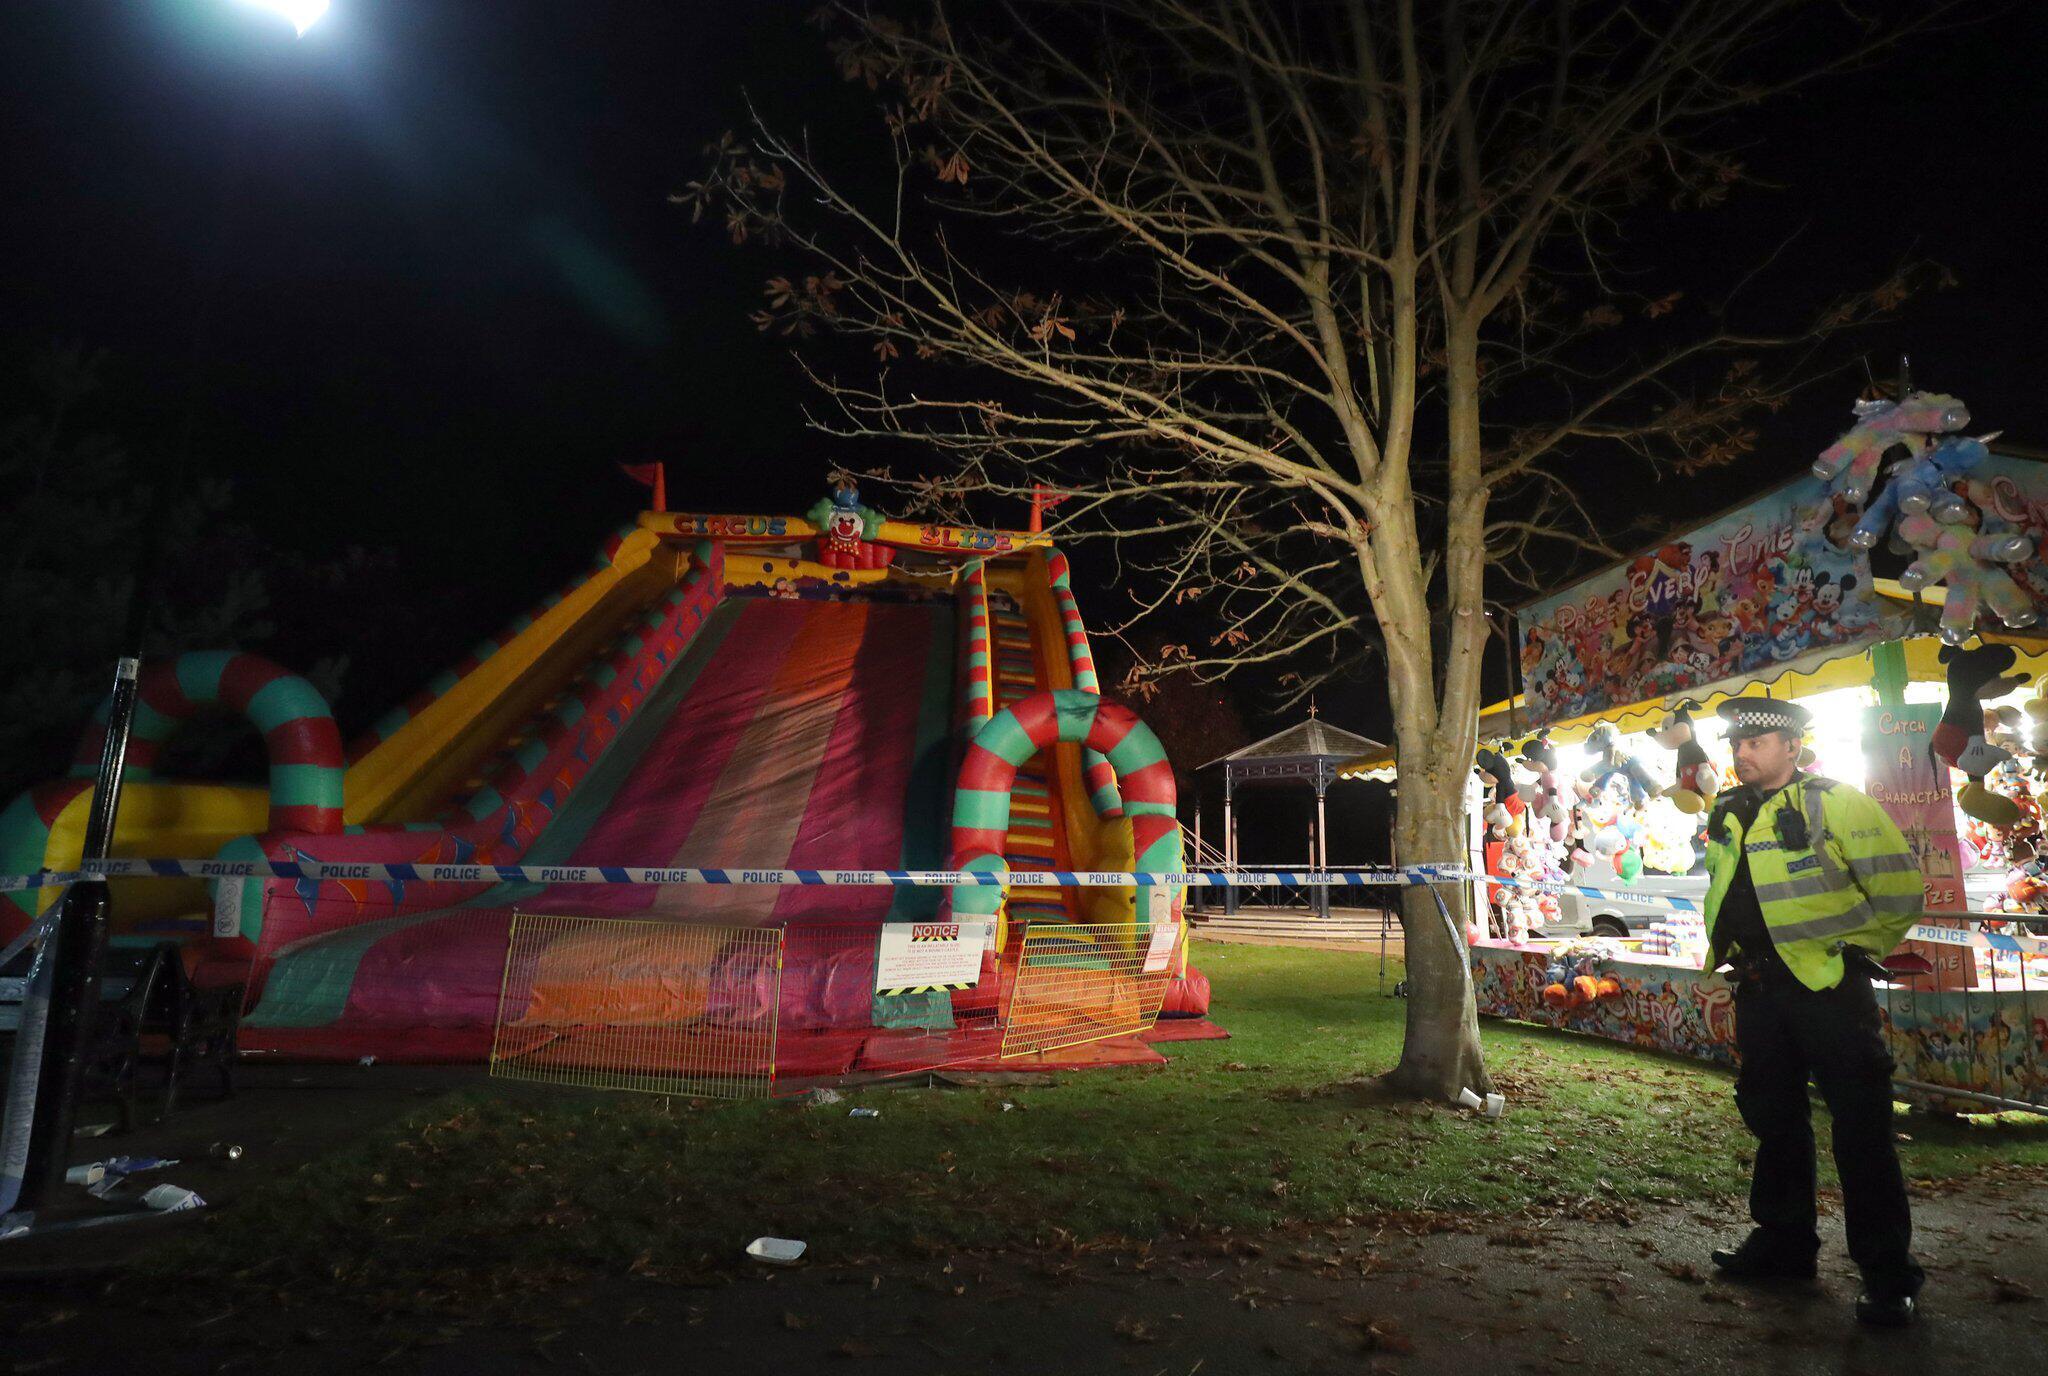 Bild zu Unfall mit aufblasbarer Riesenrutsche in Woking